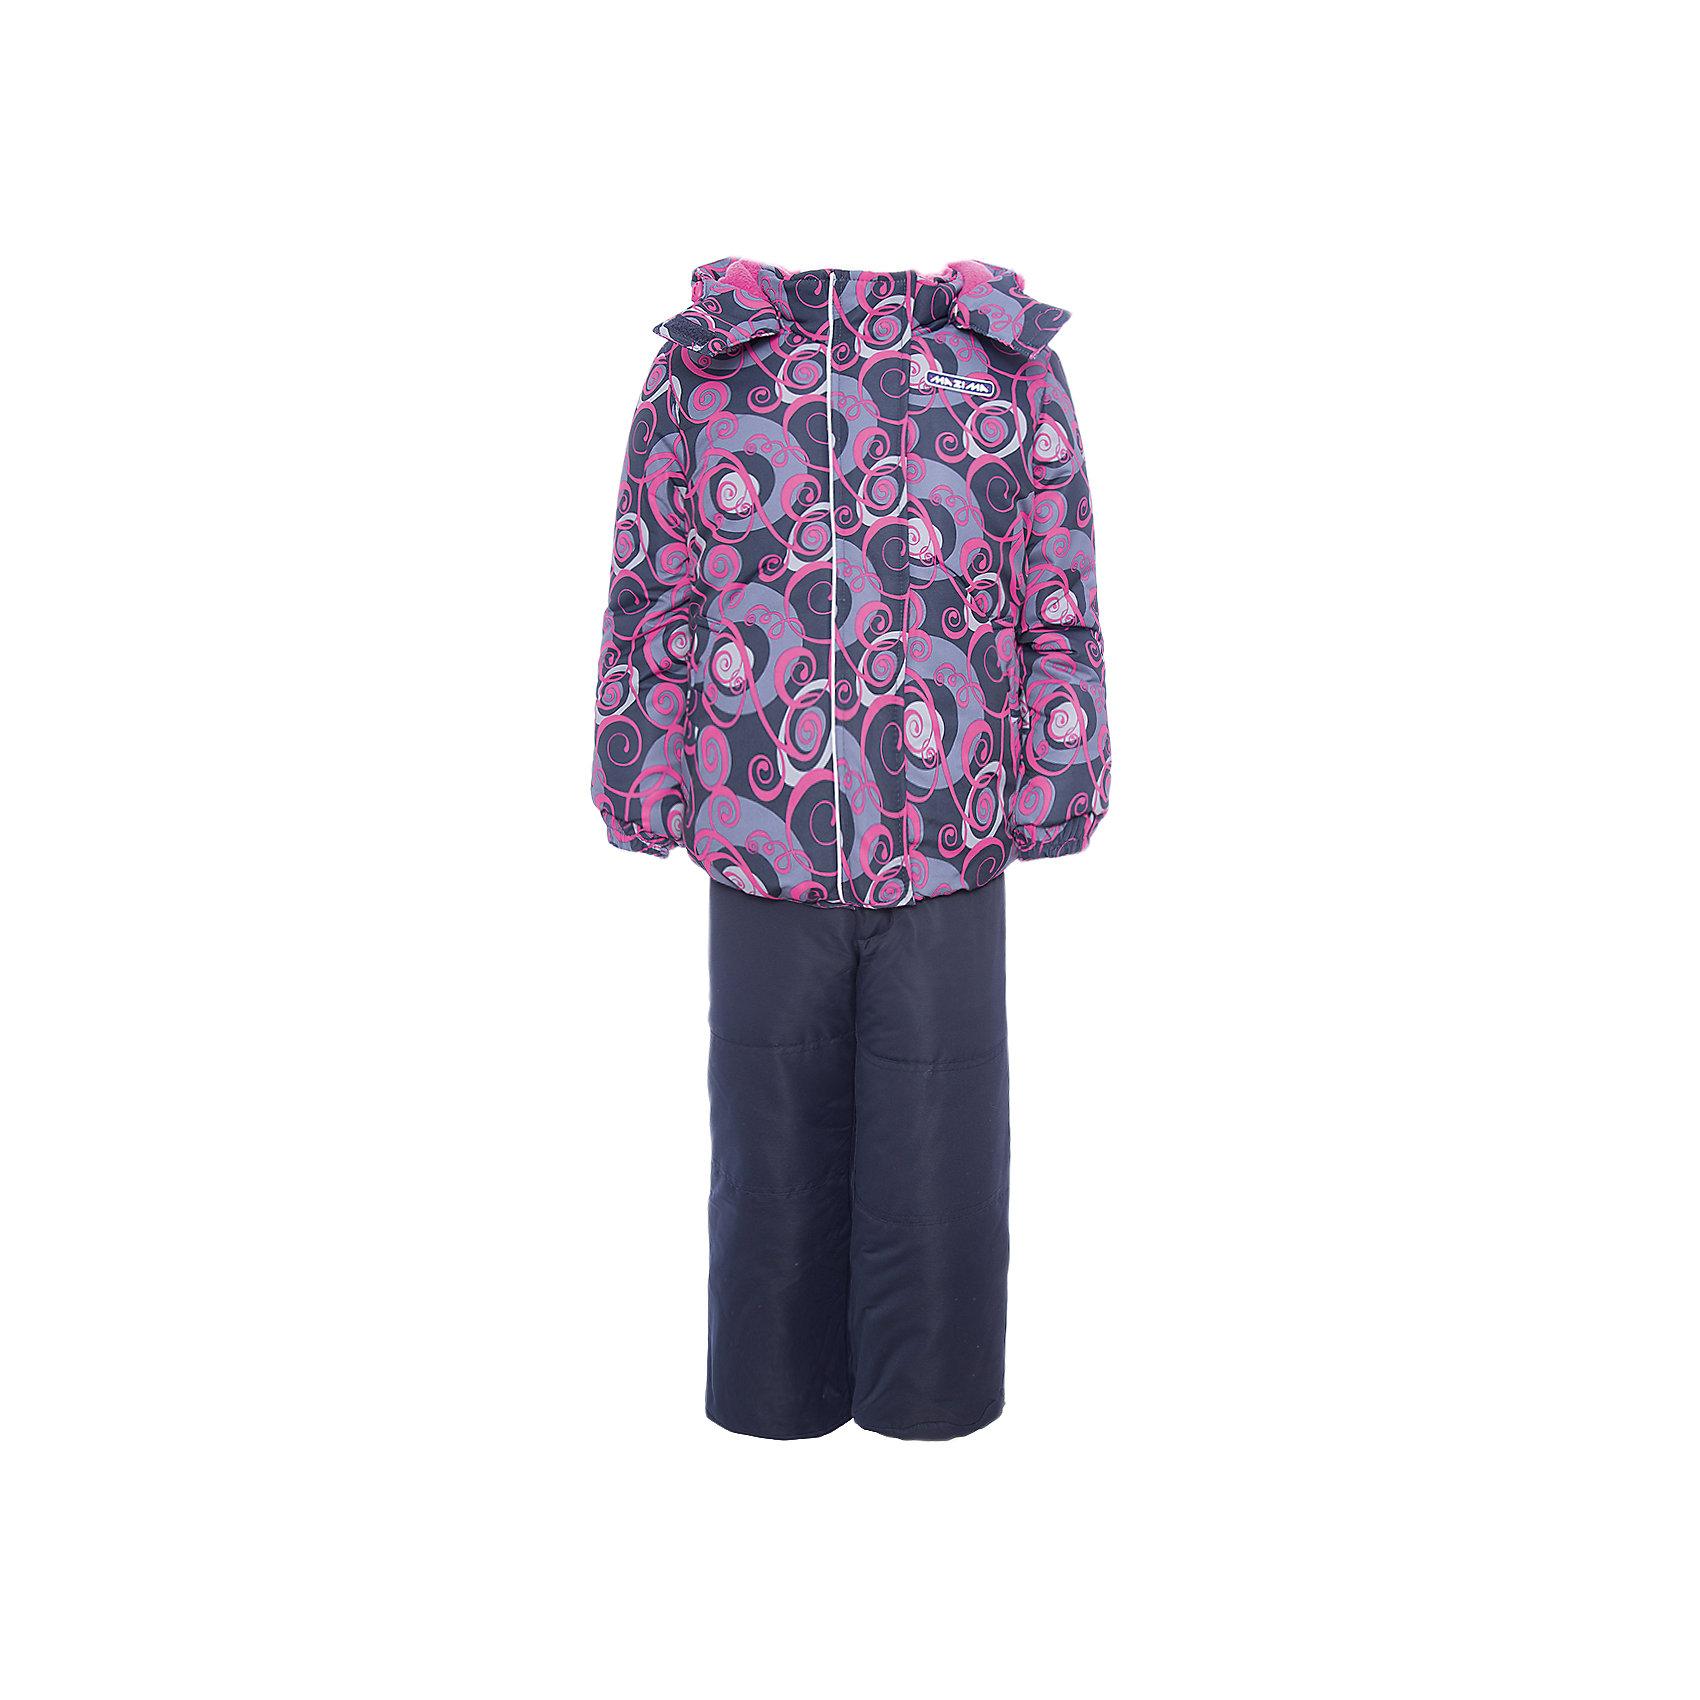 Комплект: куртка и брюки Ma-Zi-Ma для девочкиВерхняя одежда<br>Характеристики товара:<br><br>• цвет: фиолетовый<br>• комплектация: куртка и брюки<br>• состав ткани: Taslan с водонепроницаемой пропиткой<br>• подкладка: поларфлис <br>• утеплитель: полиэстер<br>• сезон: зима<br>• температурный режим: от -30 до +5<br>• водонепроницаемость: 1000 мм <br>• паропроницаемость: 1000 г/м2<br>• плотность утеплителя: куртка - 280 г/м2, брюки - 200 г/м2<br>• капюшон: съемный, без меха<br>• застежка: молния<br>• брюки усилены износостойкими вставками<br>• страна бренда: Россия<br>• страна изготовитель: Китай<br><br>Зимний комплект для девочки дополнен множеством функциональных элементов. Верх детской зимней куртки и брюк не промокает и не продувается. Мягкая подкладка детского комплекта для зимы приятна на ощупь. Комплект для зимы усилен износостойкими накладками.<br><br>Комплект: куртка и брюки Ma-Zi-Ma (Ма-Зи-Ма) для девочки можно купить в нашем интернет-магазине.<br><br>Ширина мм: 356<br>Глубина мм: 10<br>Высота мм: 245<br>Вес г: 519<br>Цвет: серый<br>Возраст от месяцев: 132<br>Возраст до месяцев: 144<br>Пол: Женский<br>Возраст: Детский<br>Размер: 152,146,92,98,104,110,116,122,128,134,140<br>SKU: 7144271